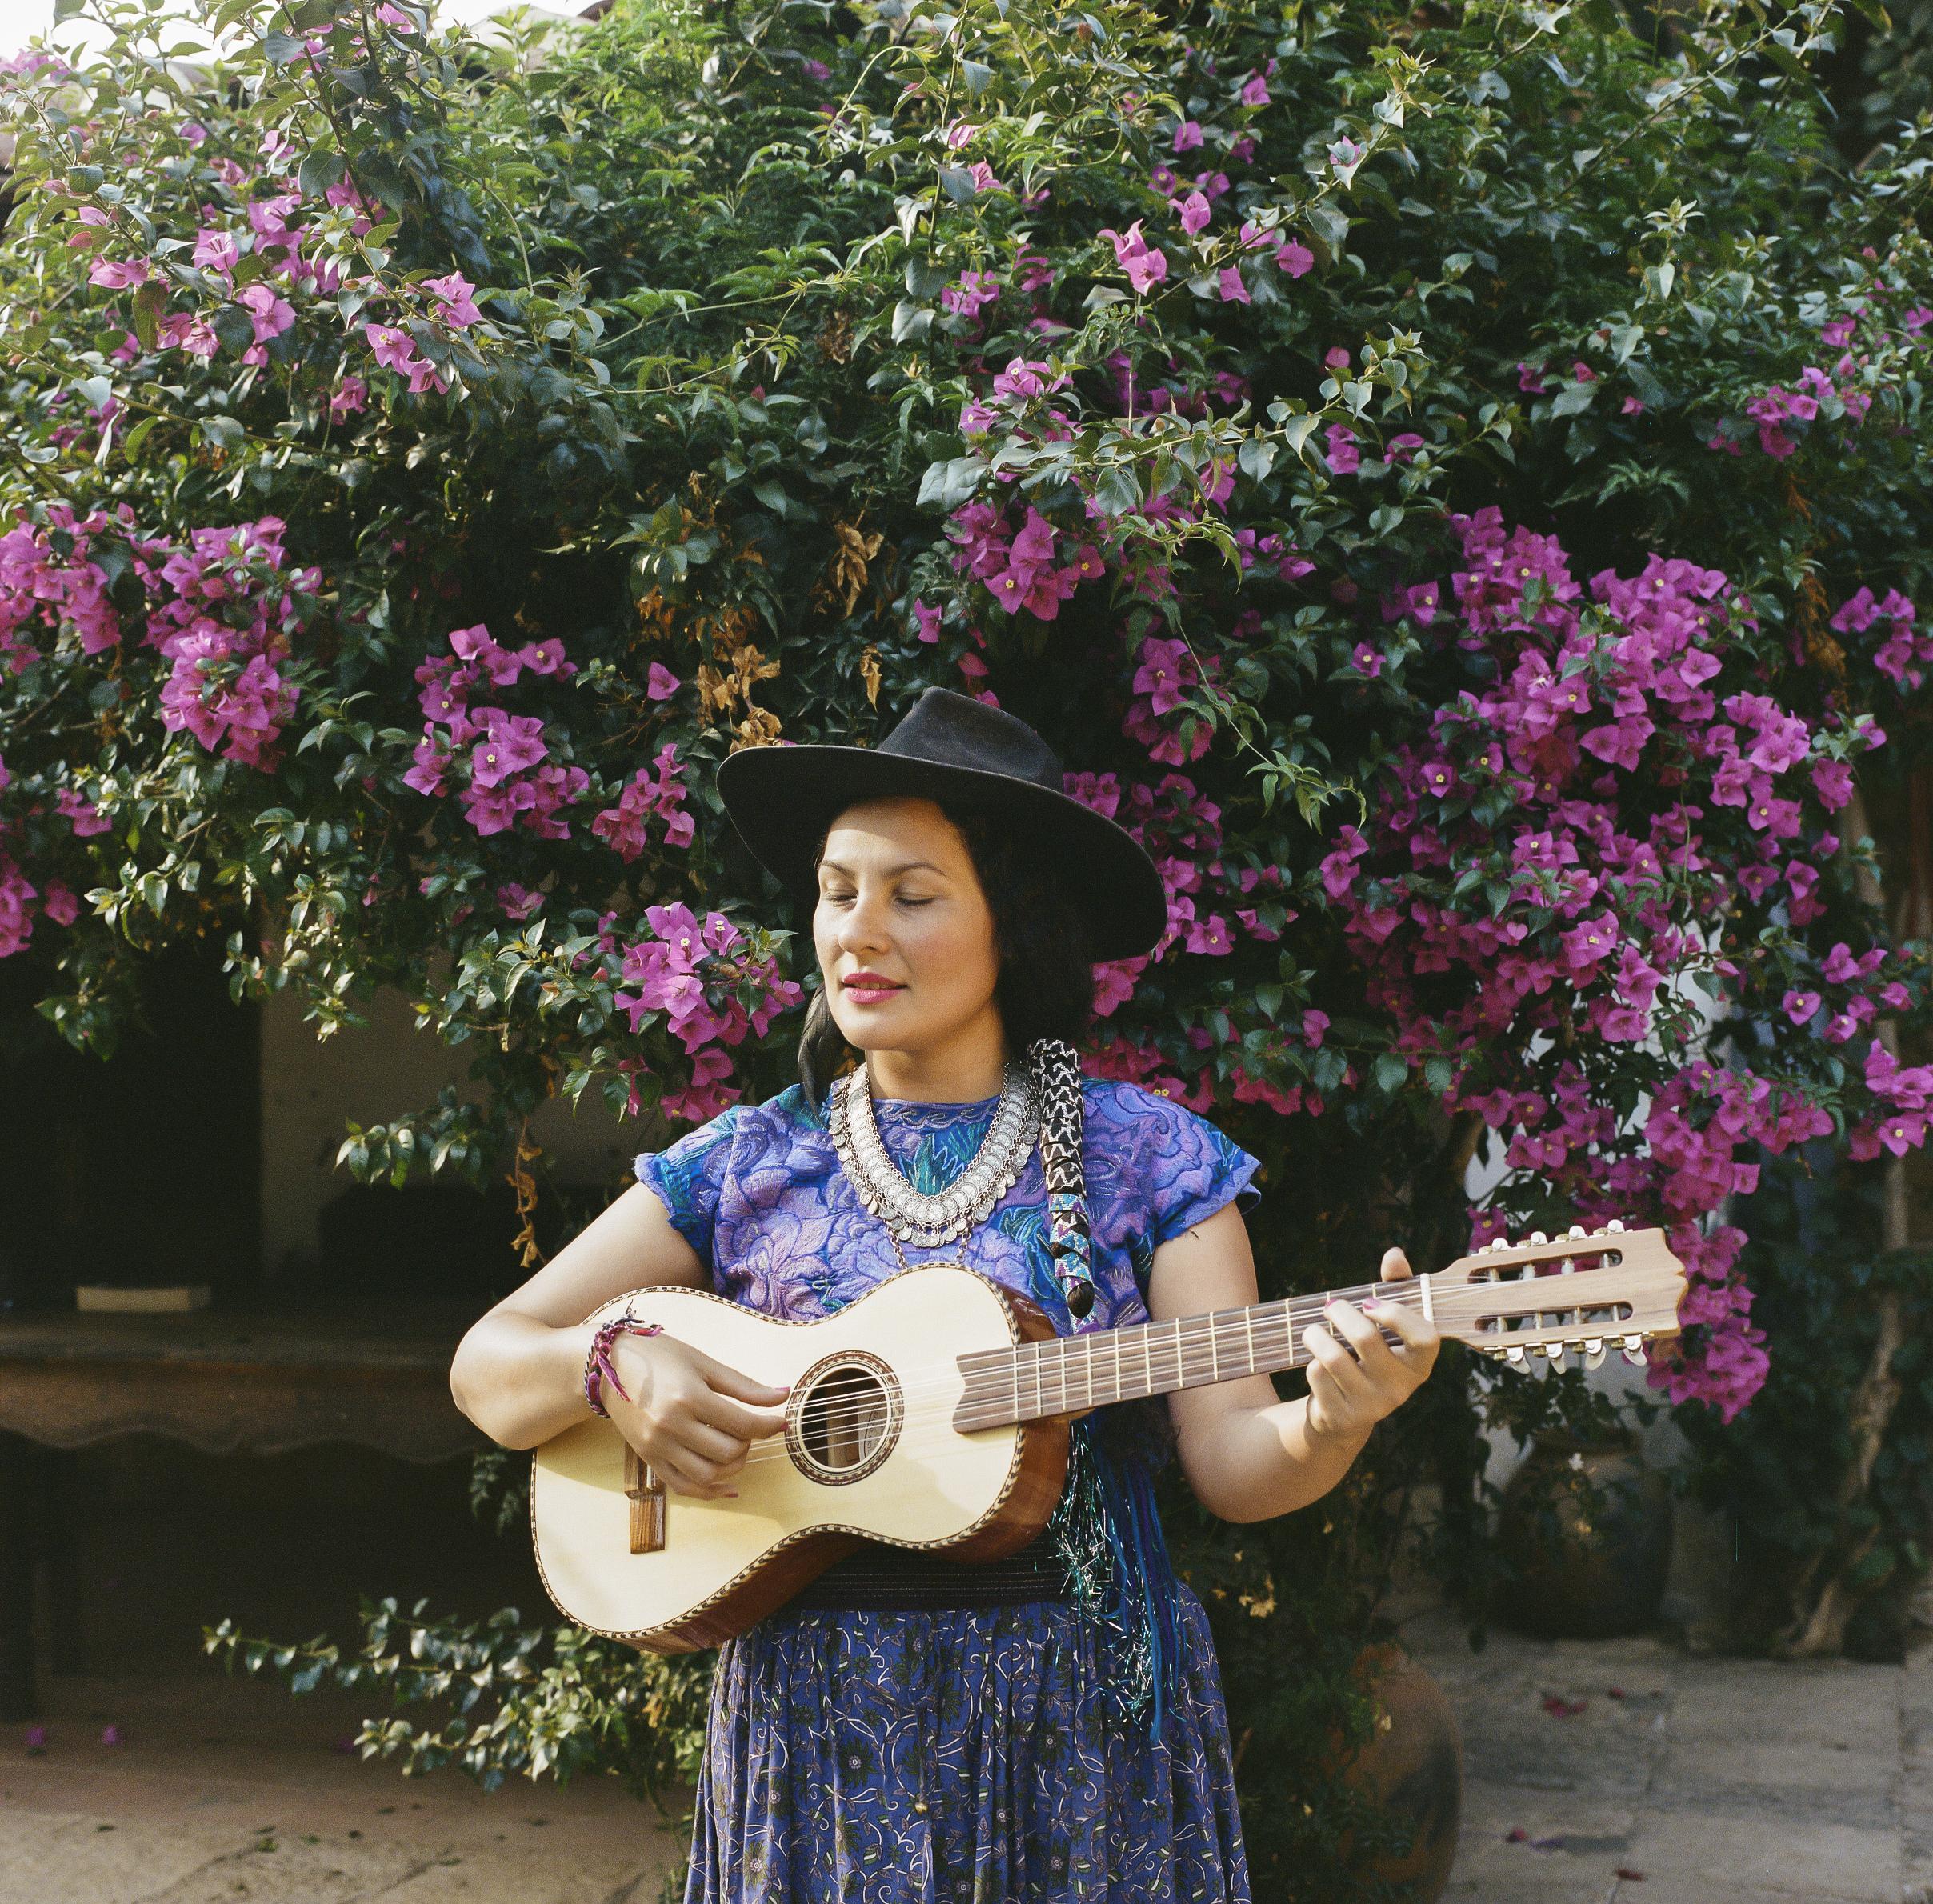 Flora, Musician. Chiapas, Mexico